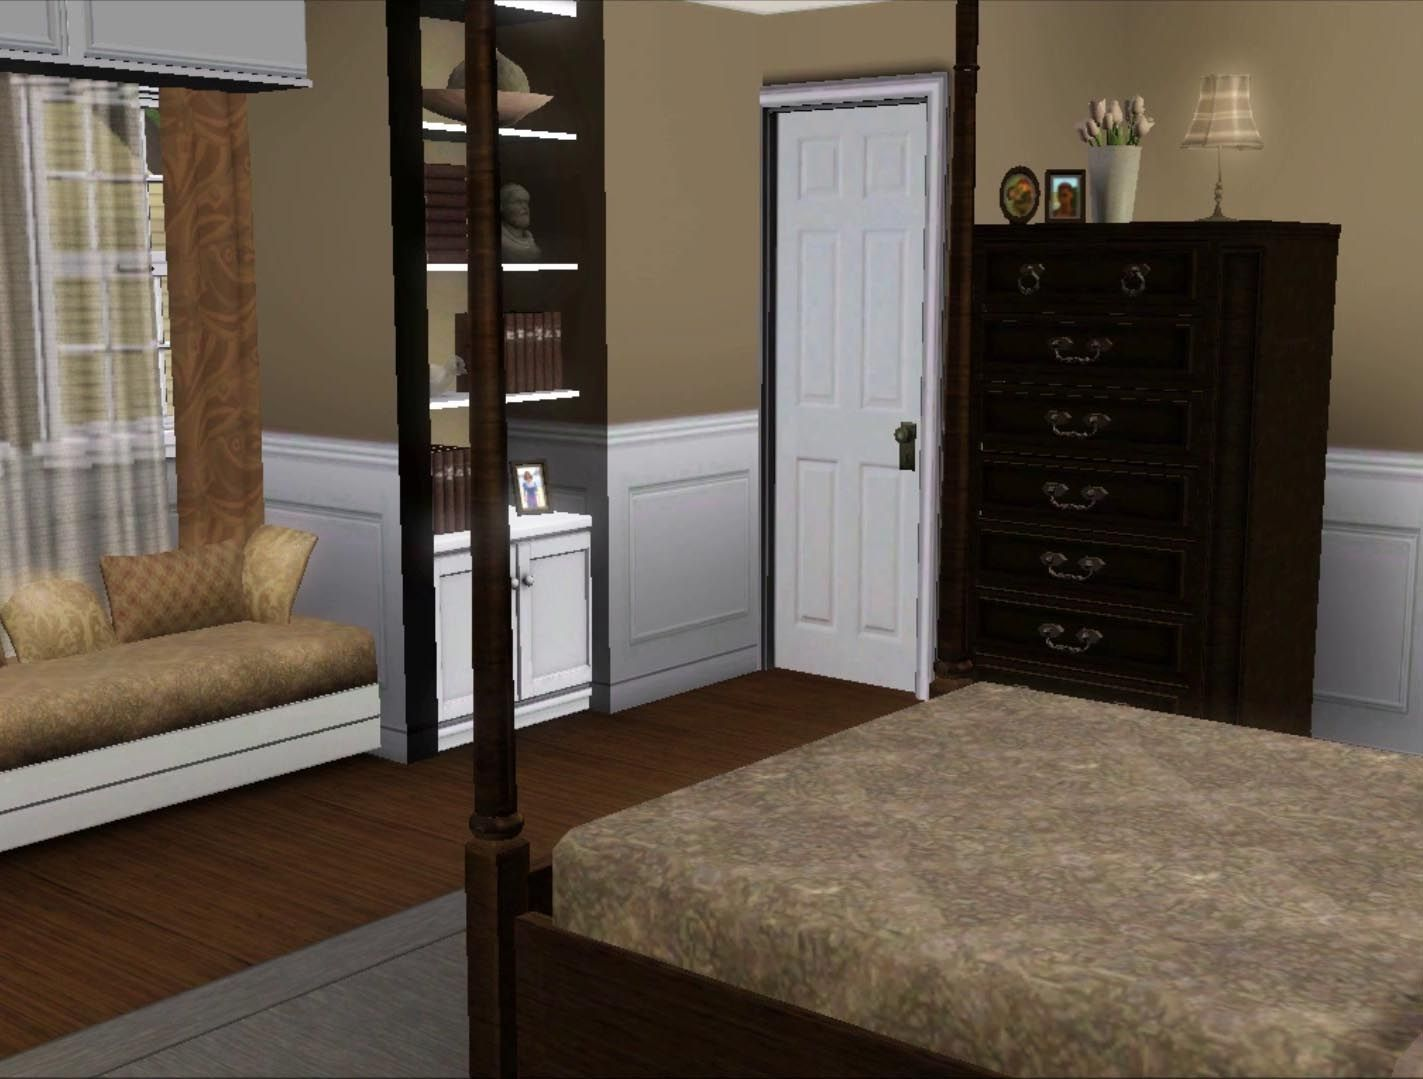 My Sims 3 Blog Bree Van de Kamp House by Wisteriabrayan – Bree Van De Kamp House Floor Plan